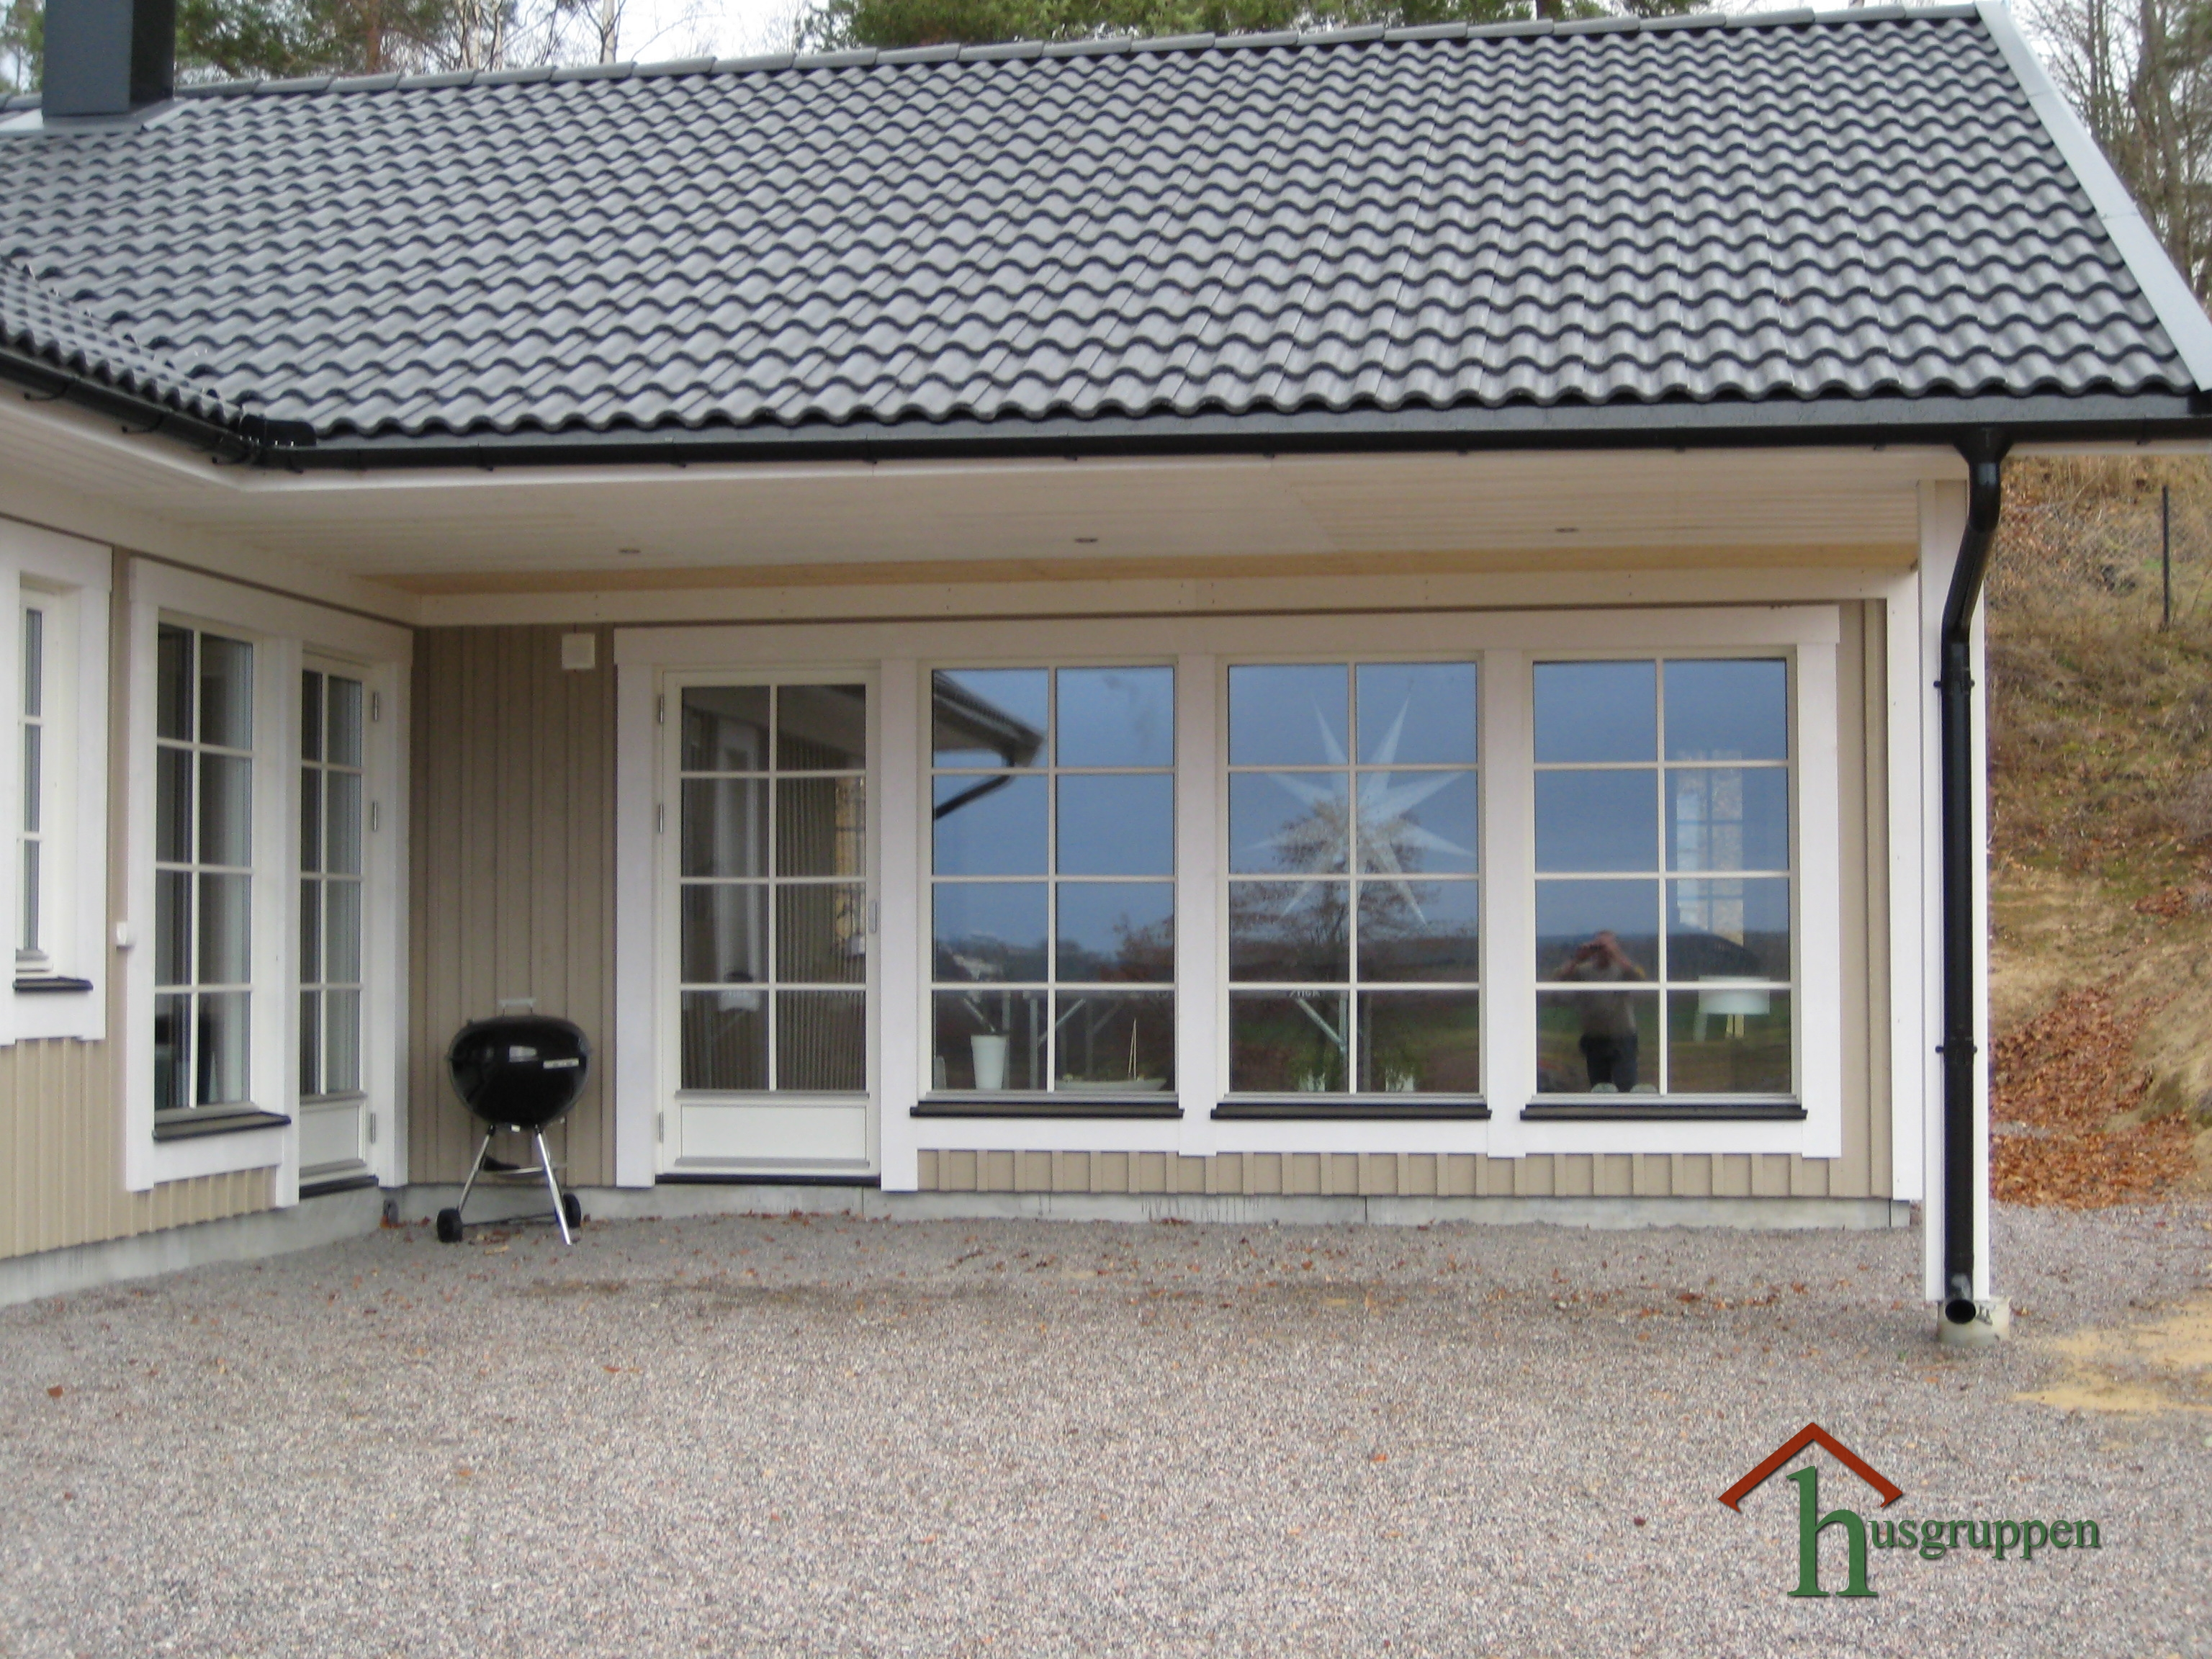 Enplanshus 142 m²²